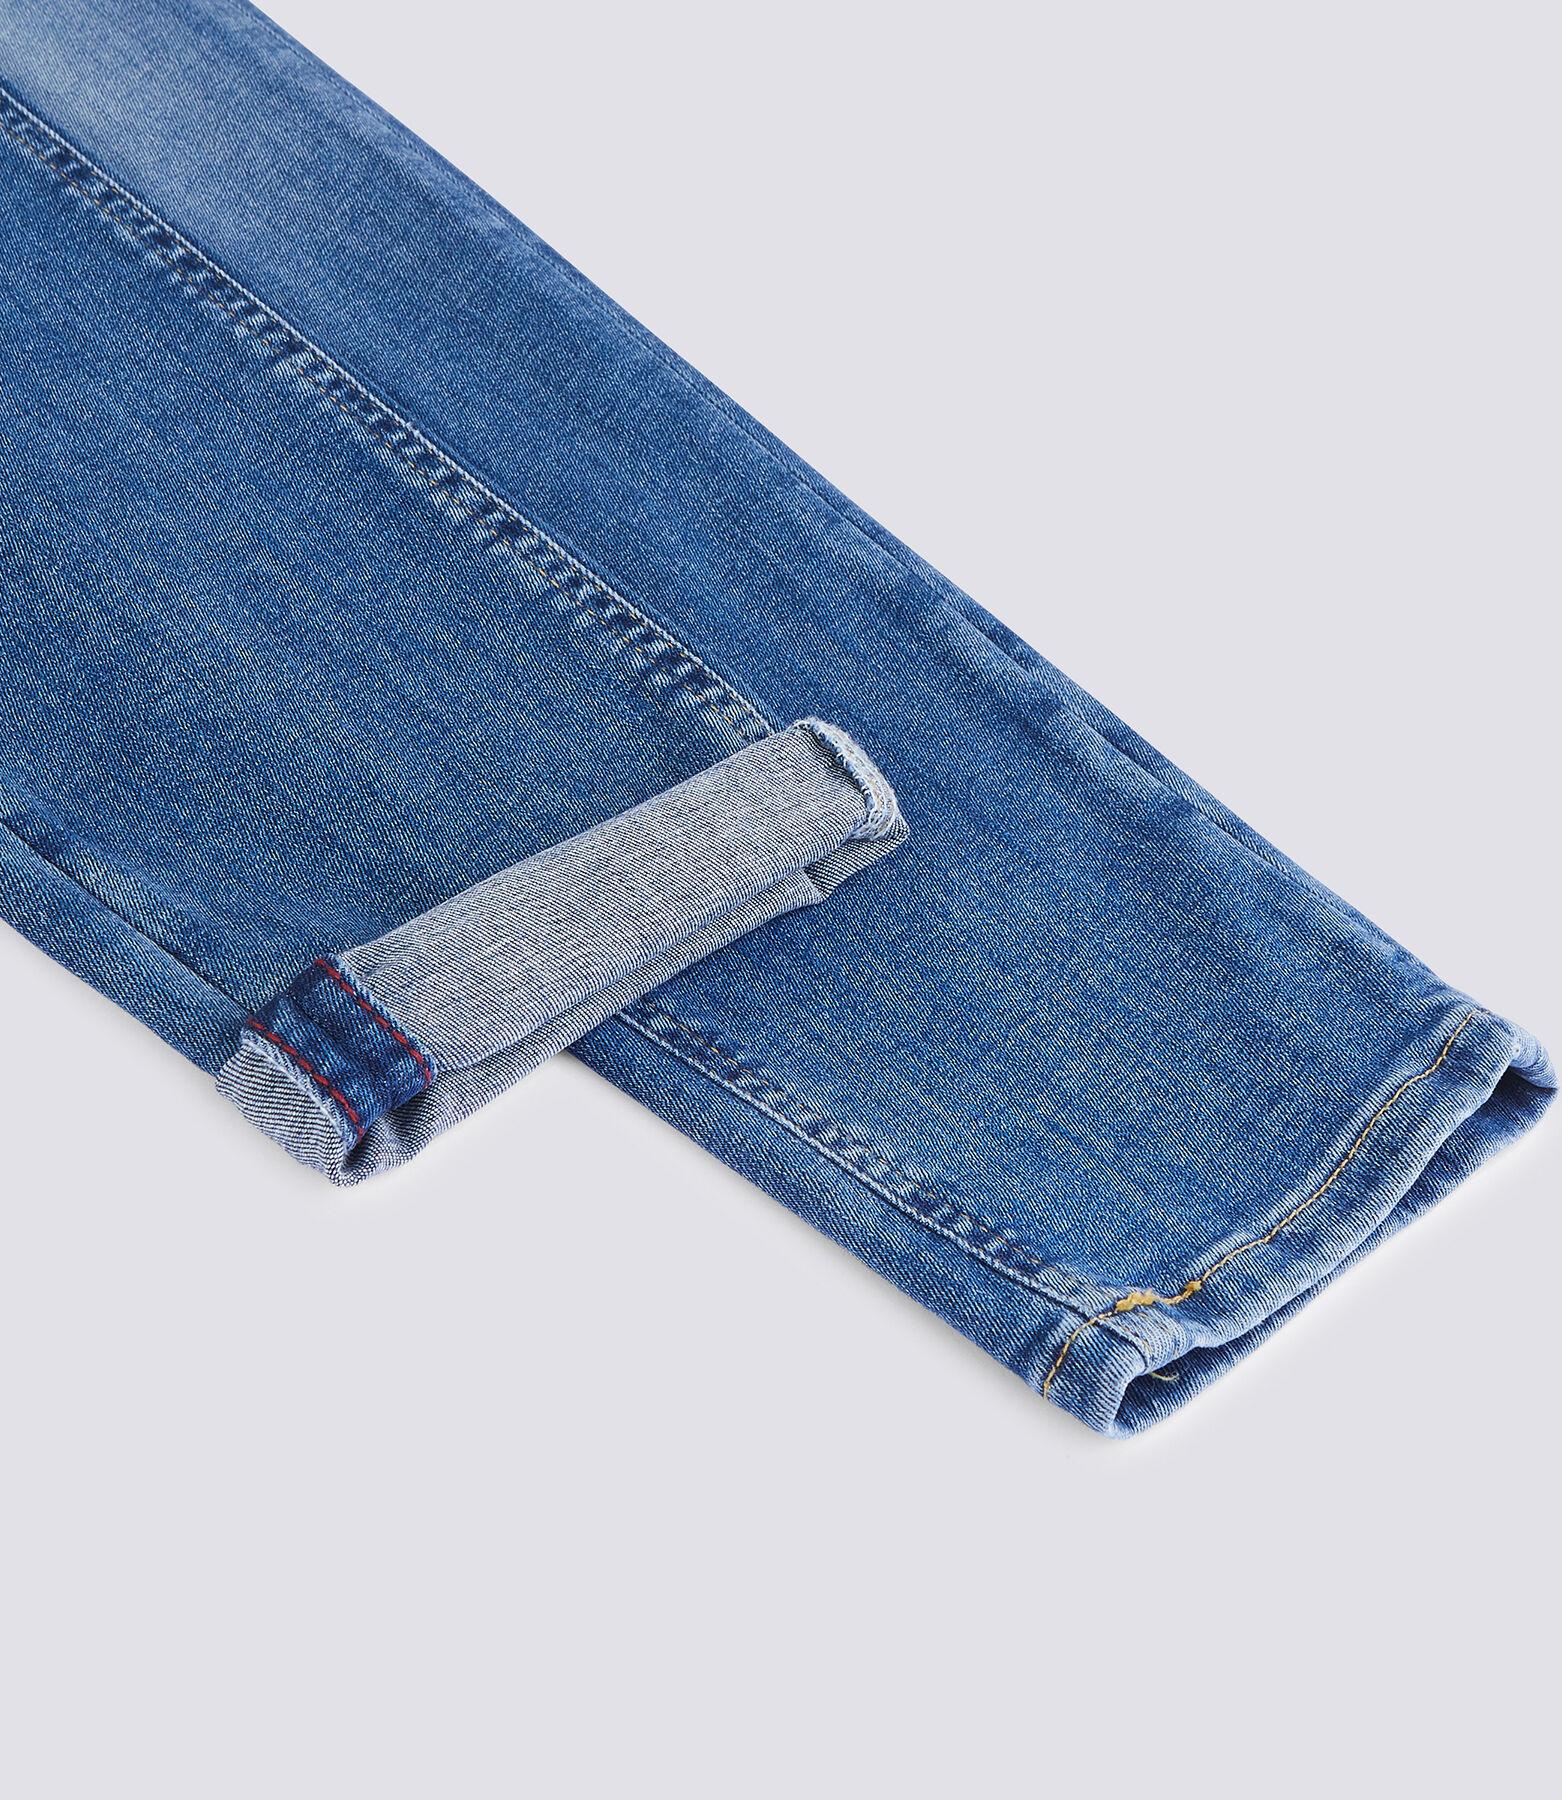 Pantalon Denim Bleu Lg 30